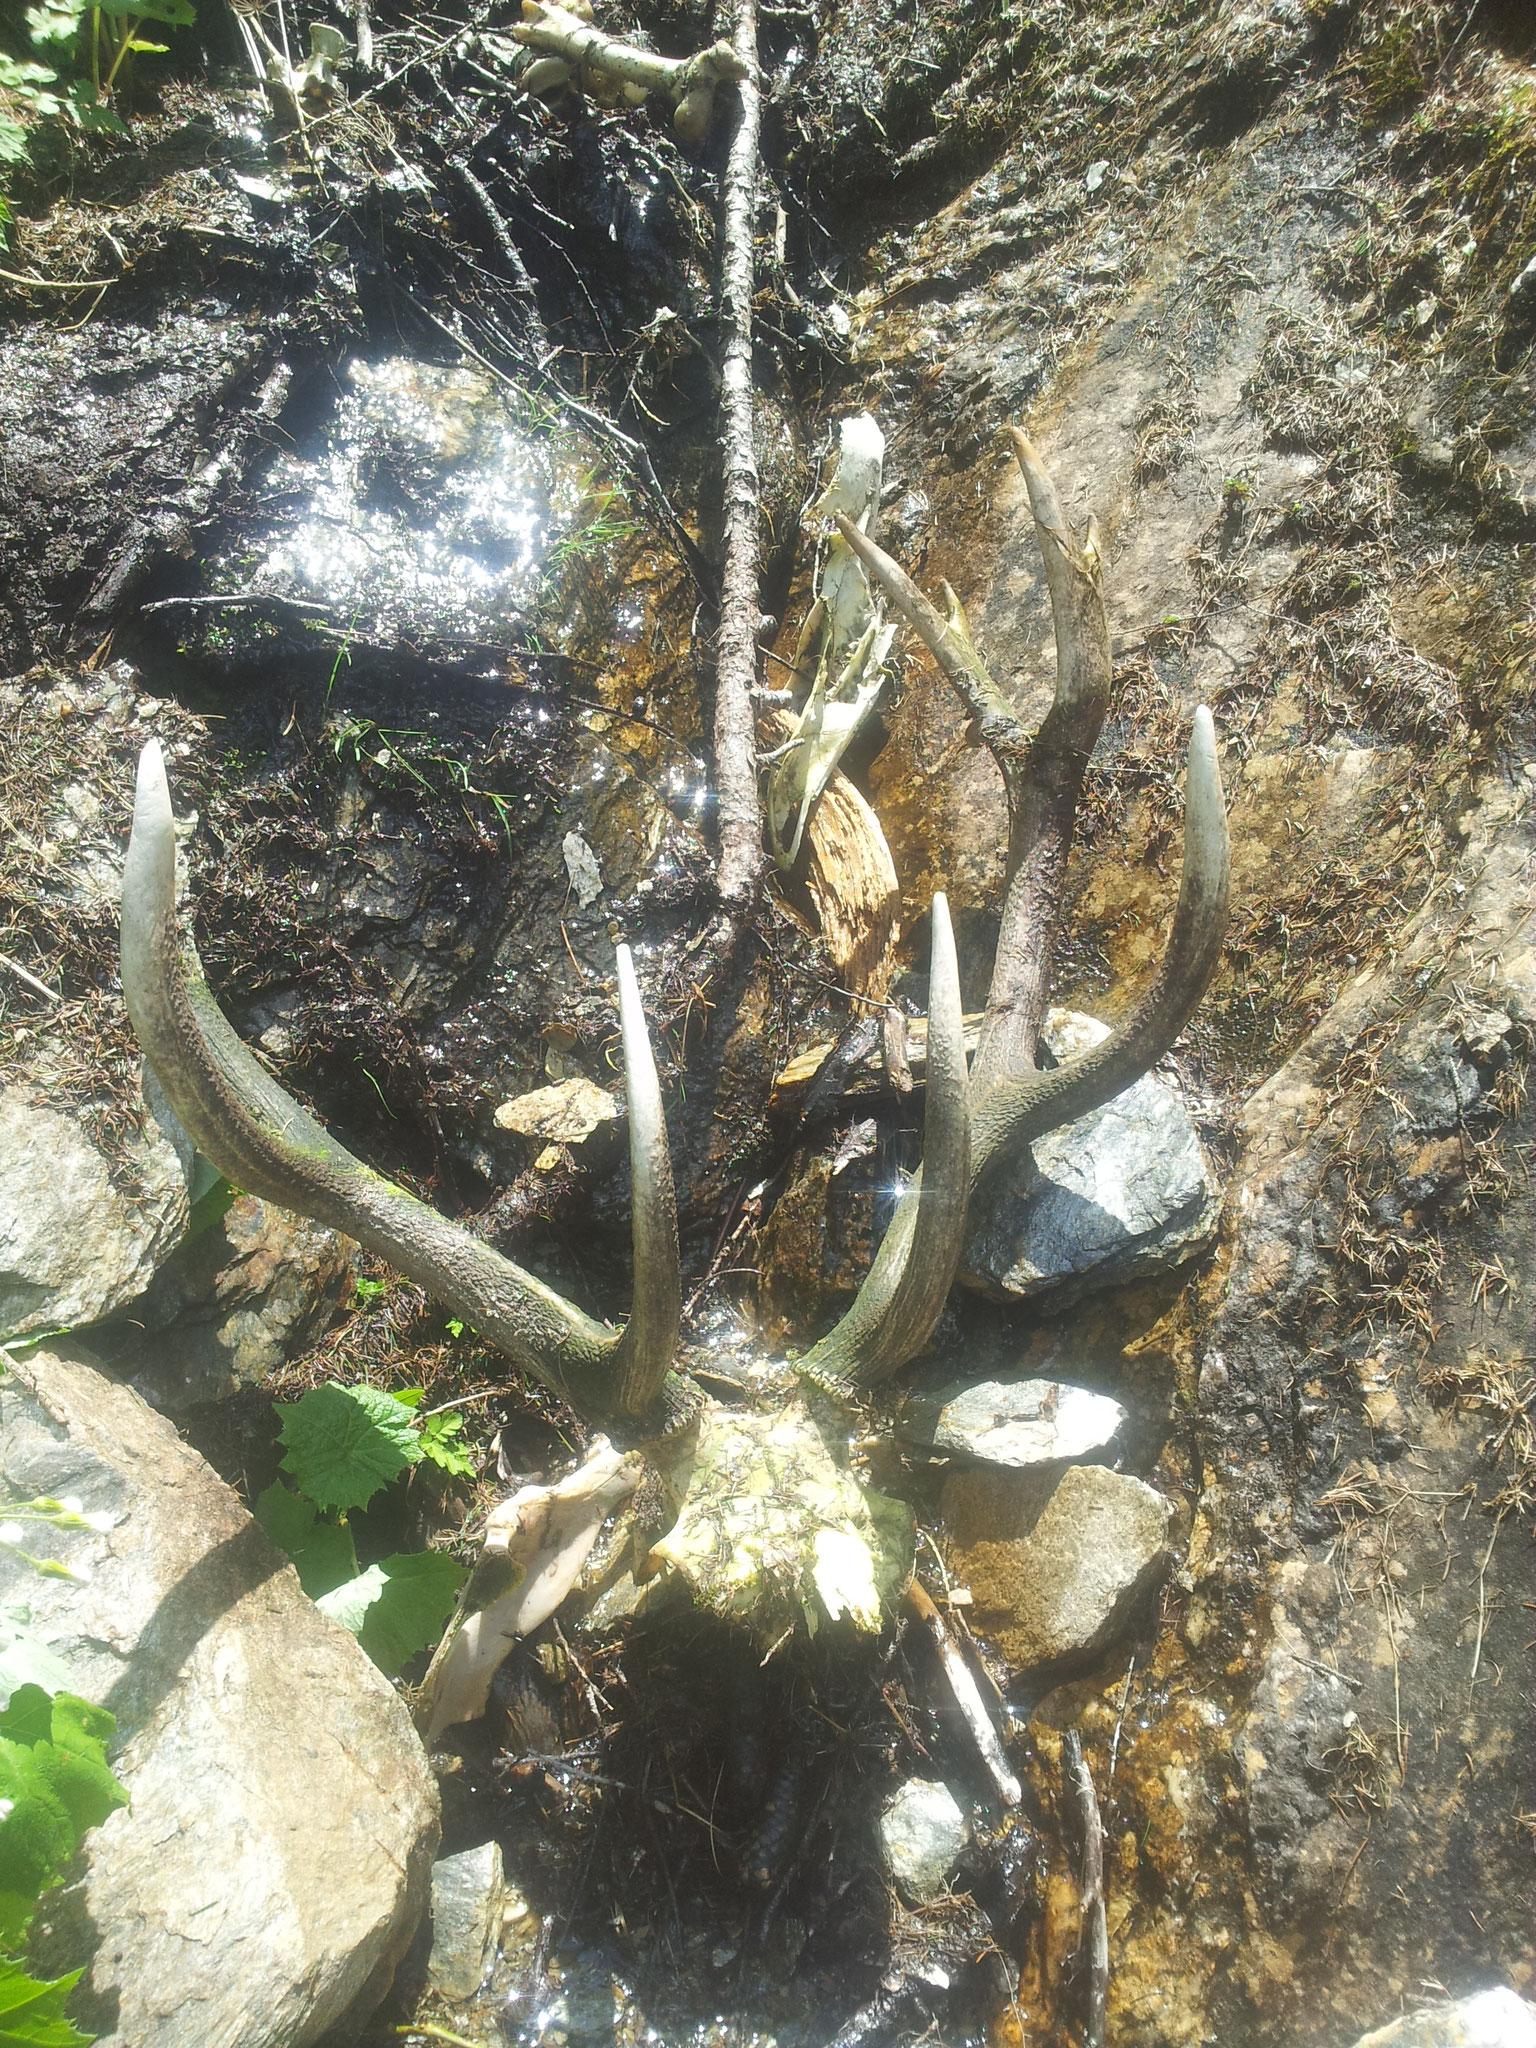 .... wenn man weiß wie steil und rutschig es in der Gegend sein kann, versteht man warum der Hirsch da gelandet ist....